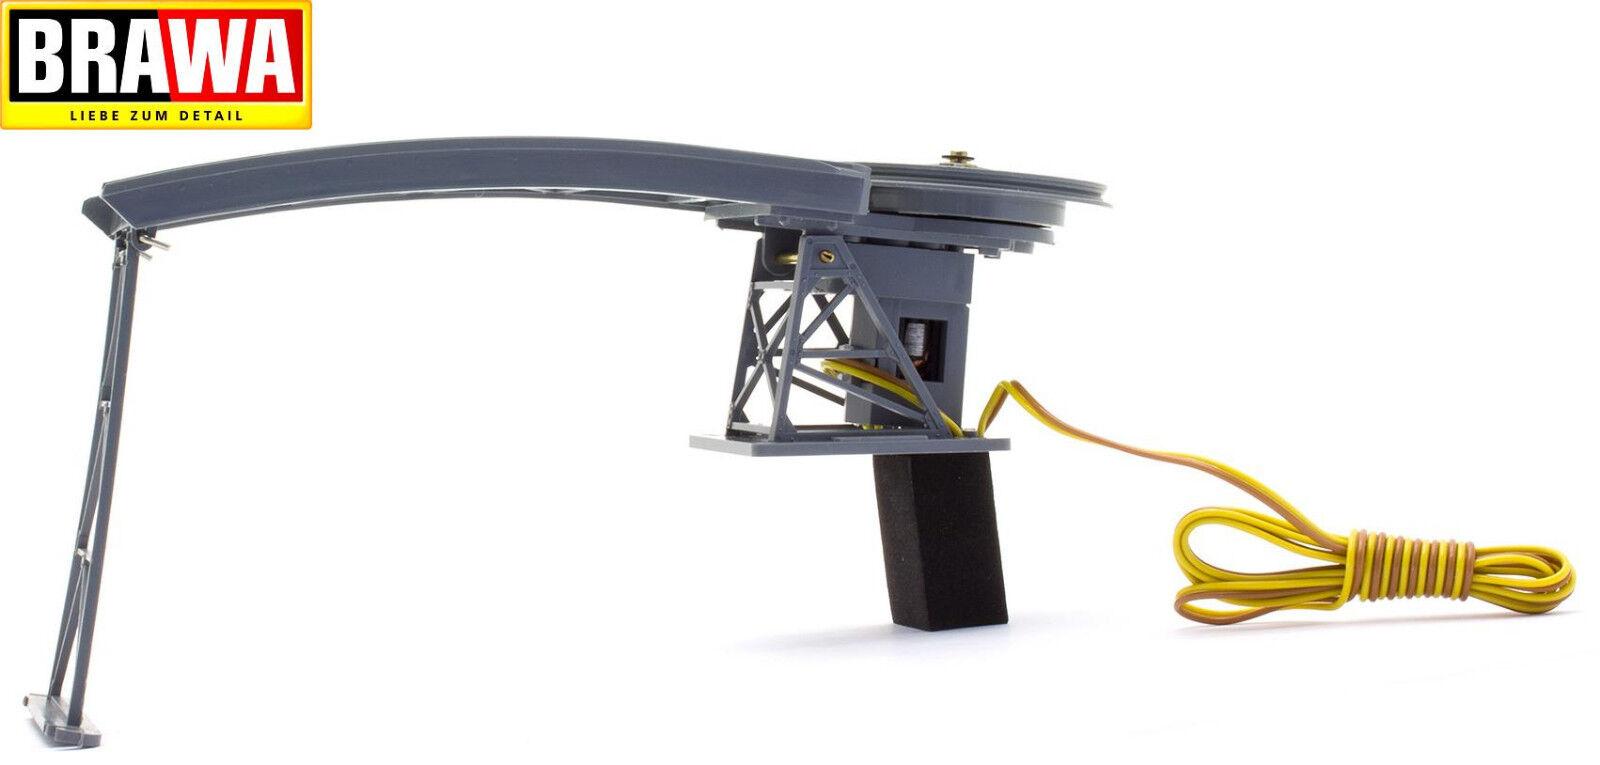 Brawa h0 6285 funicular montaña estación completo con motor-nuevo + embalaje original